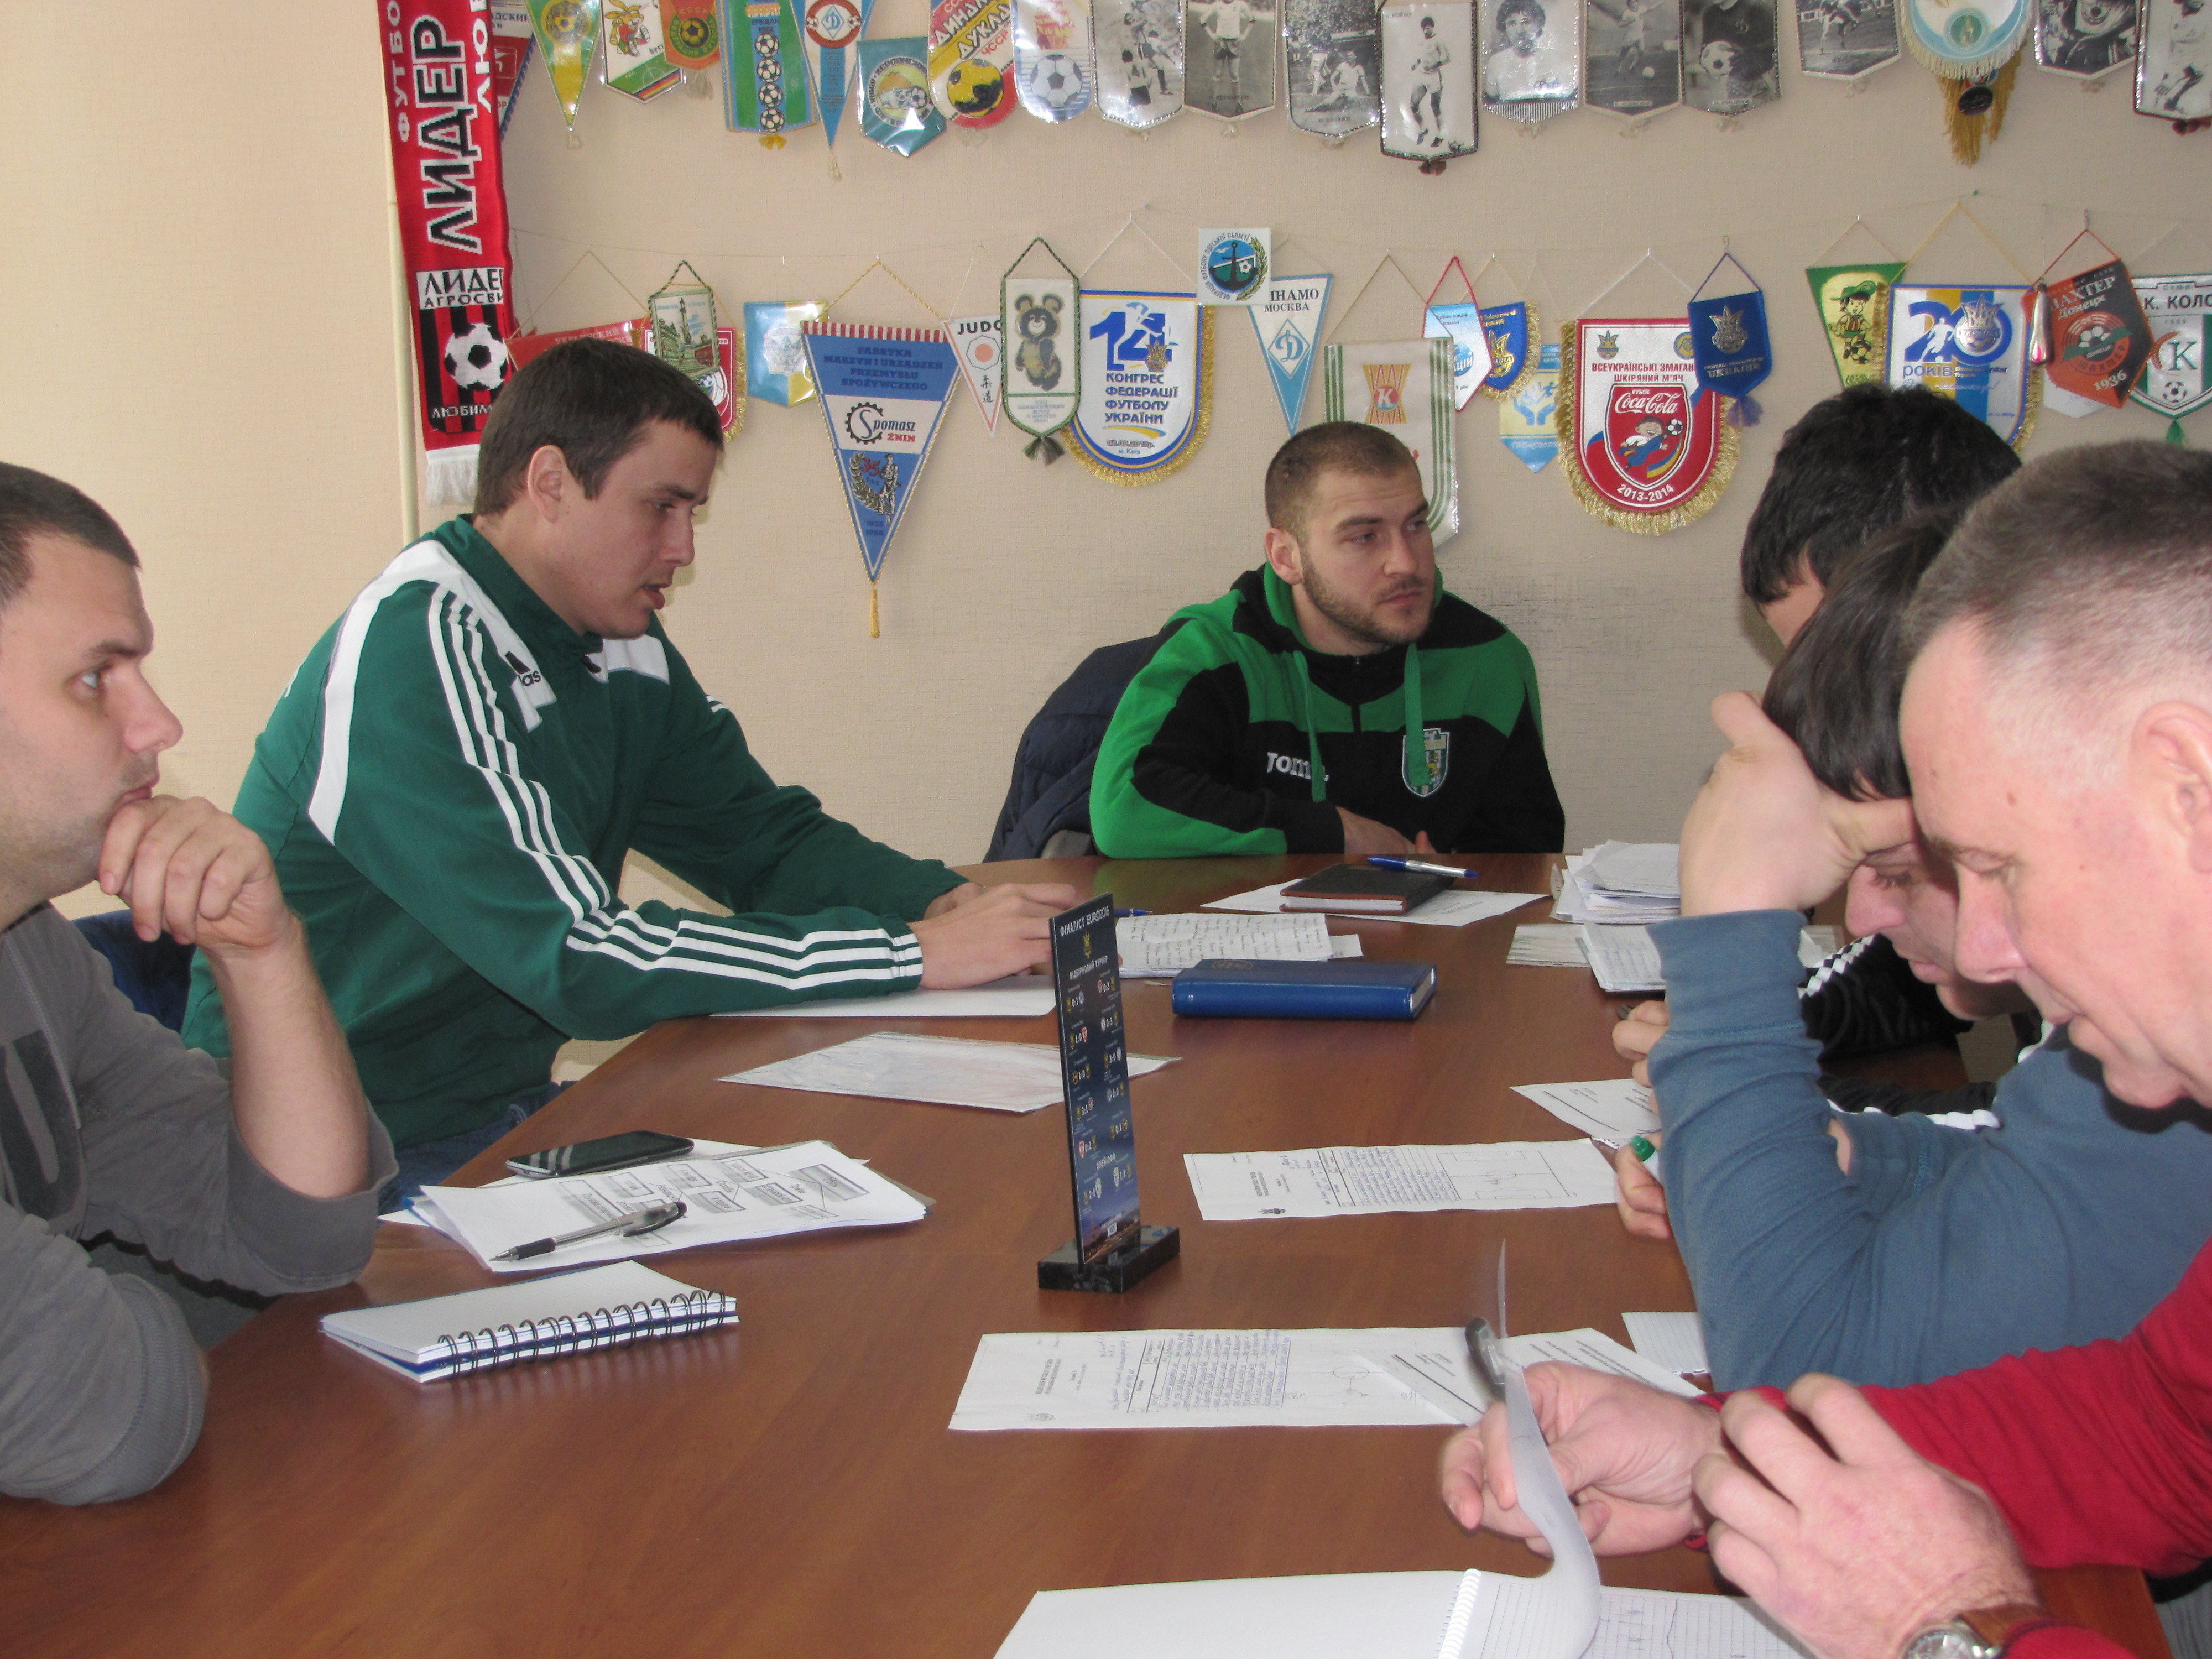 Дванадцять тренерів успішно склали іспити після навчального курсу за програмою «Диплом «С».